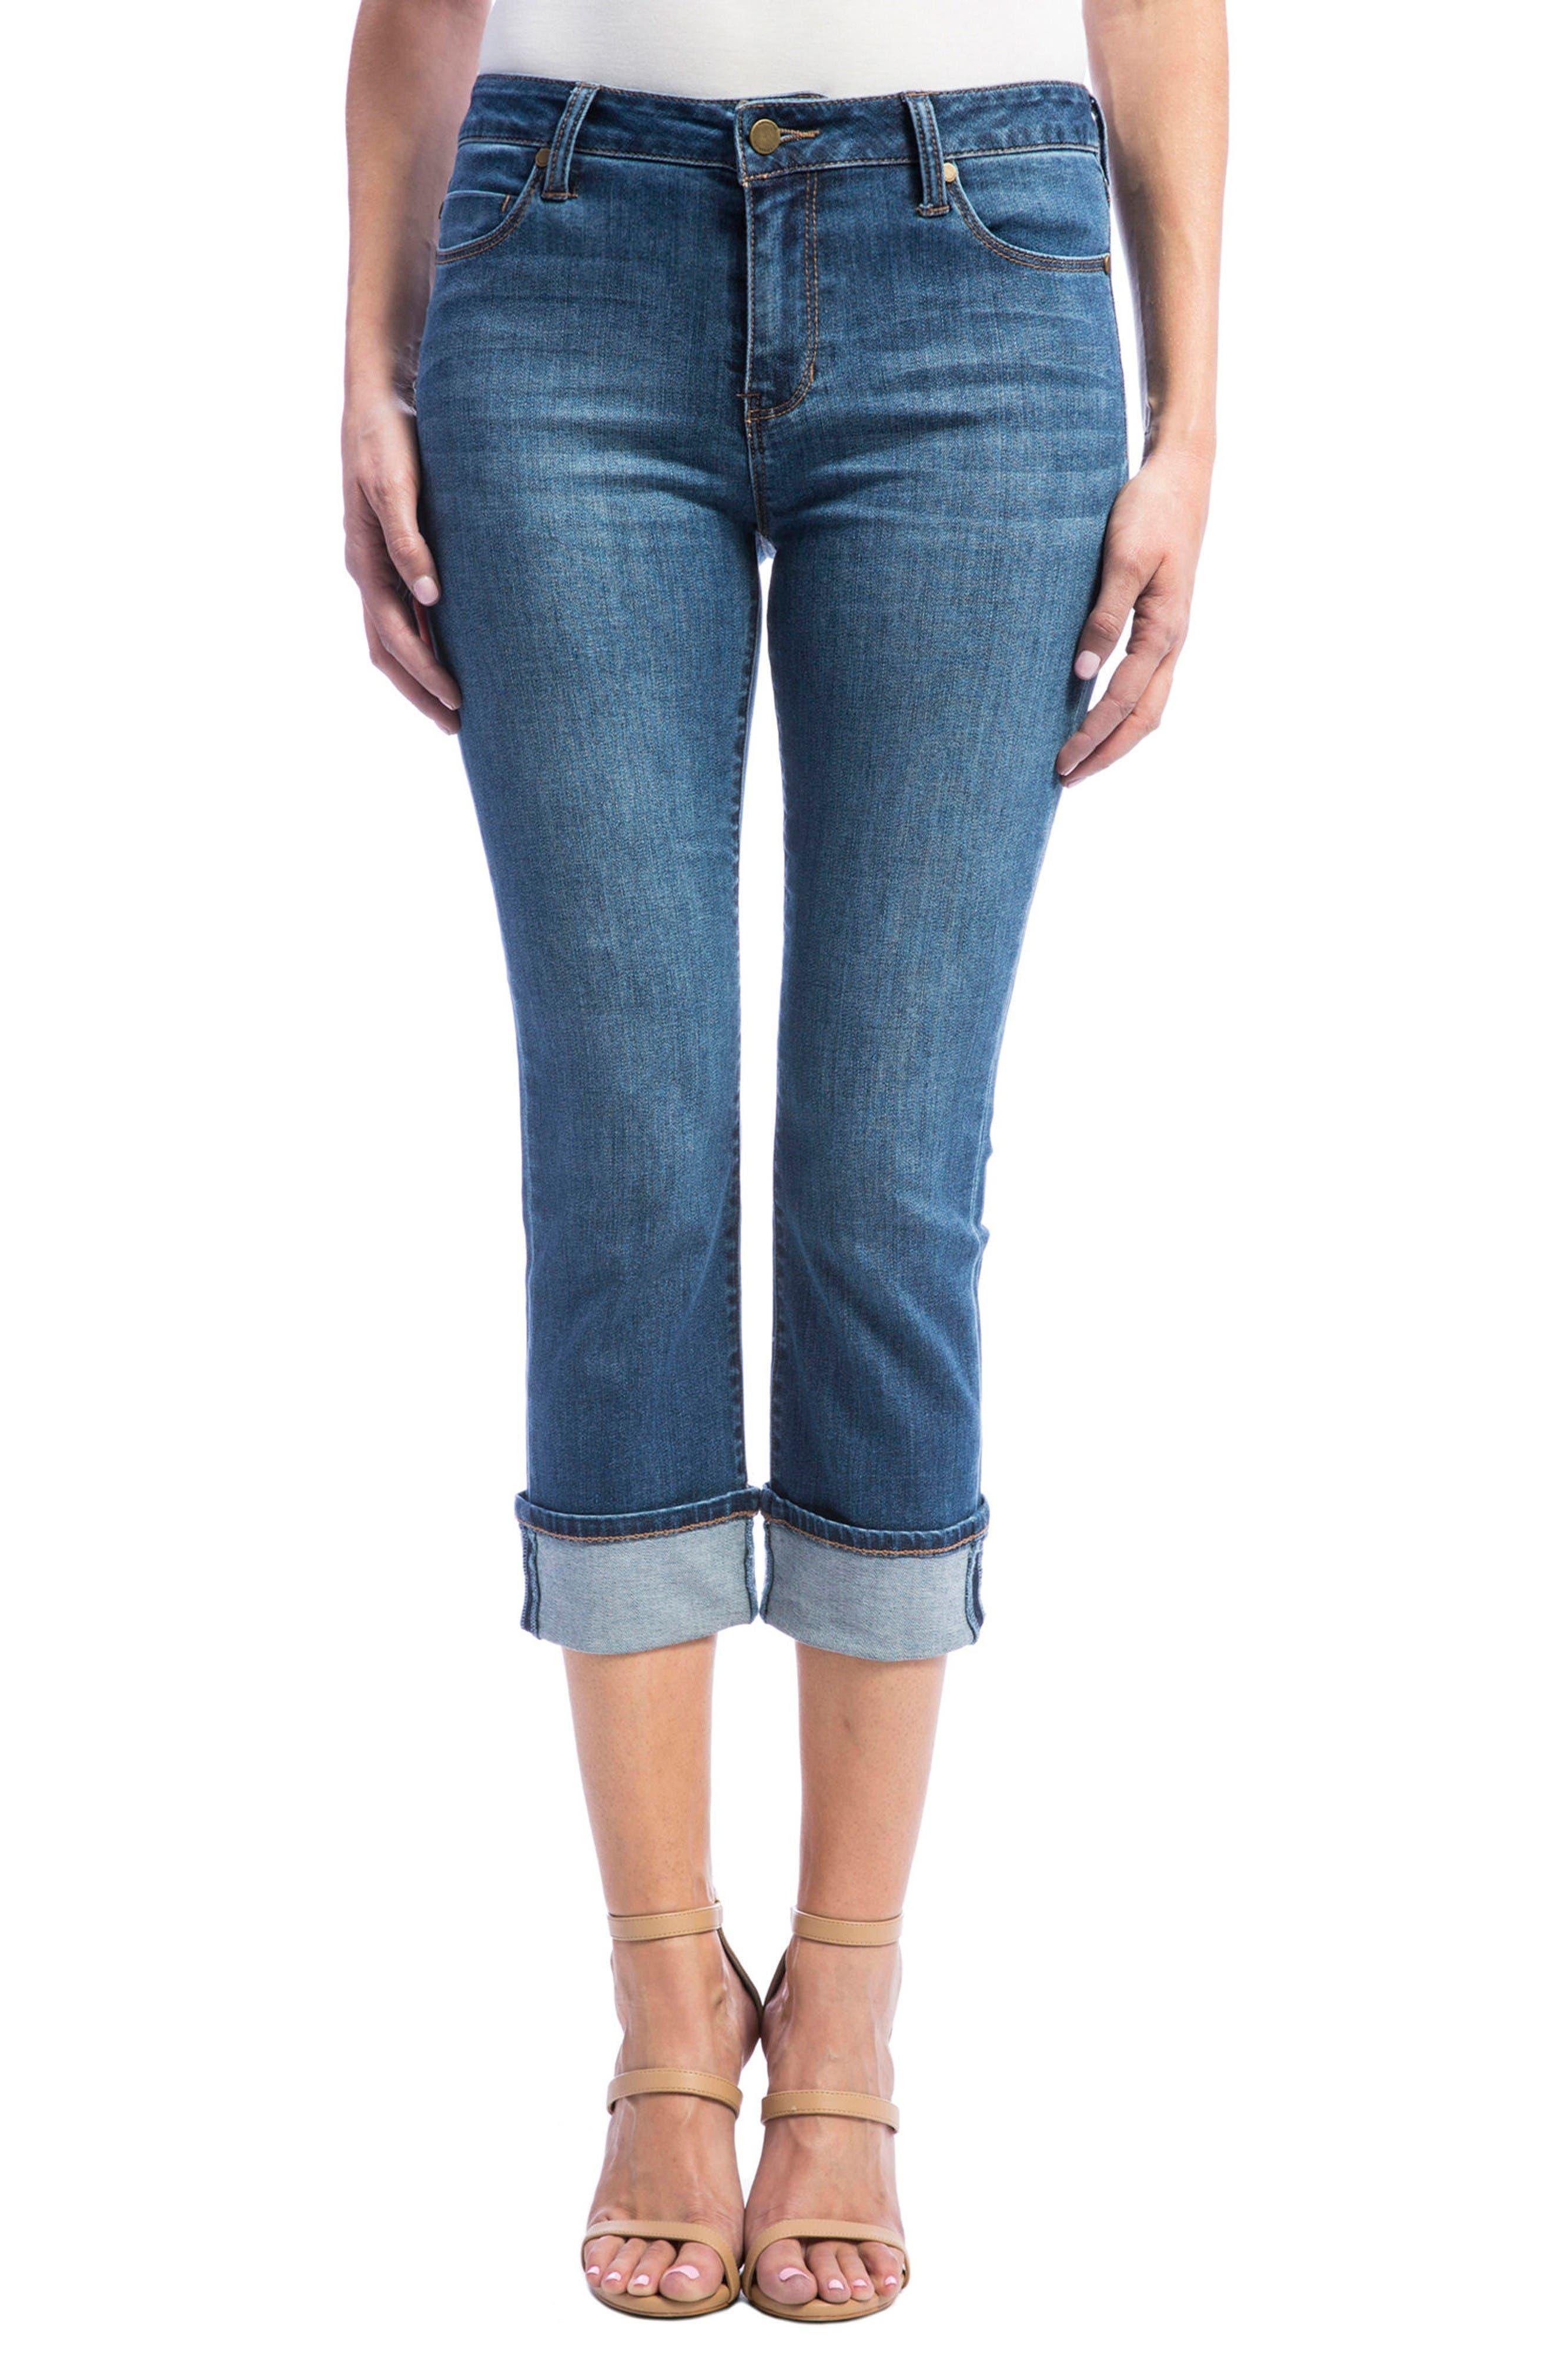 Liverpool Jeans Company Stretch Wide Cuff Capri Jeans